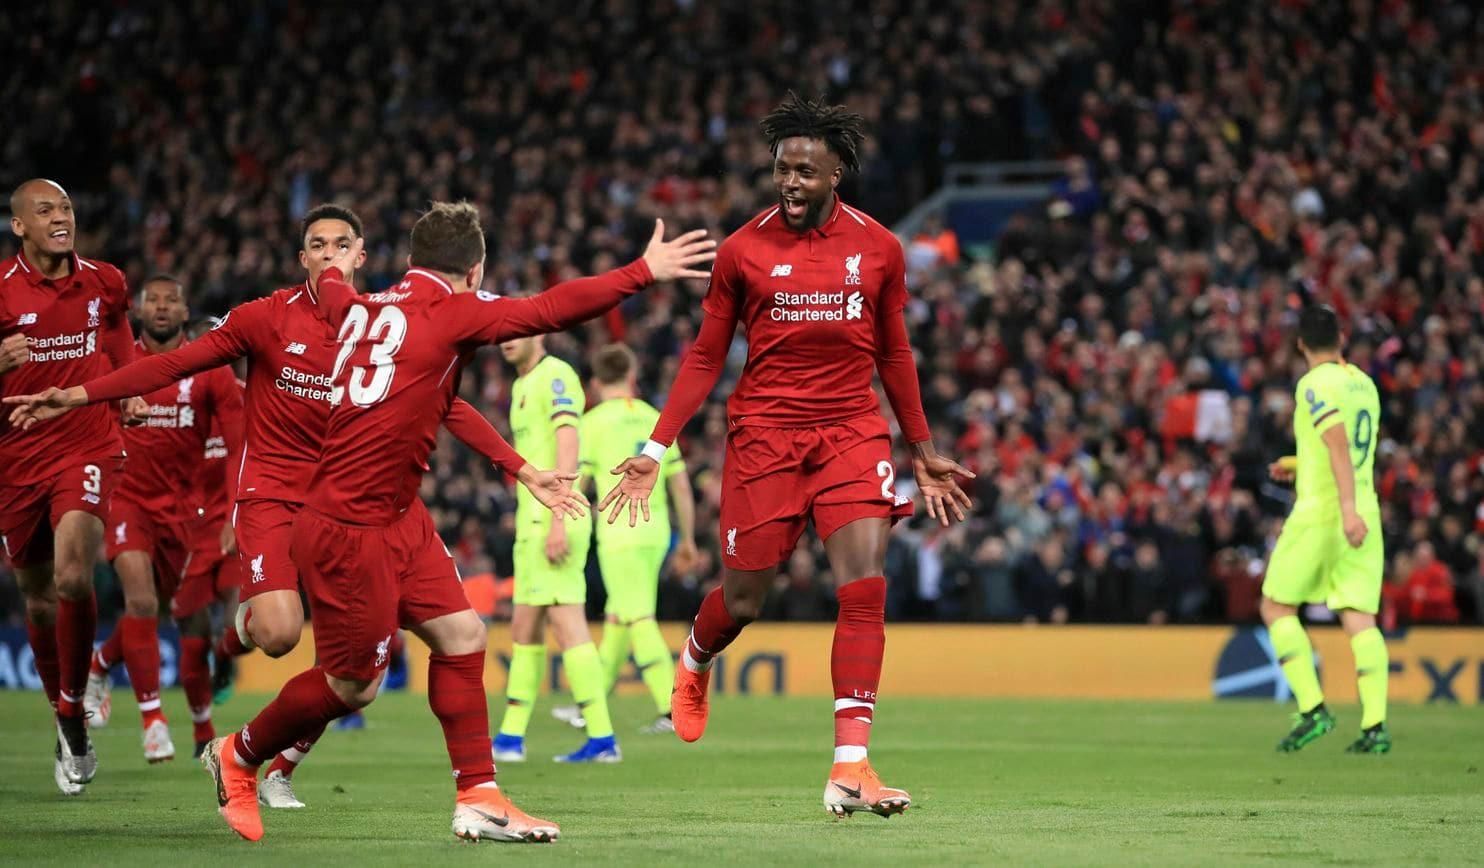 """Liverpool – Barcelona 4-0. """"Cormoranii"""" joacă a doua finală consecutivă în Champions League, după o revenire istorică"""